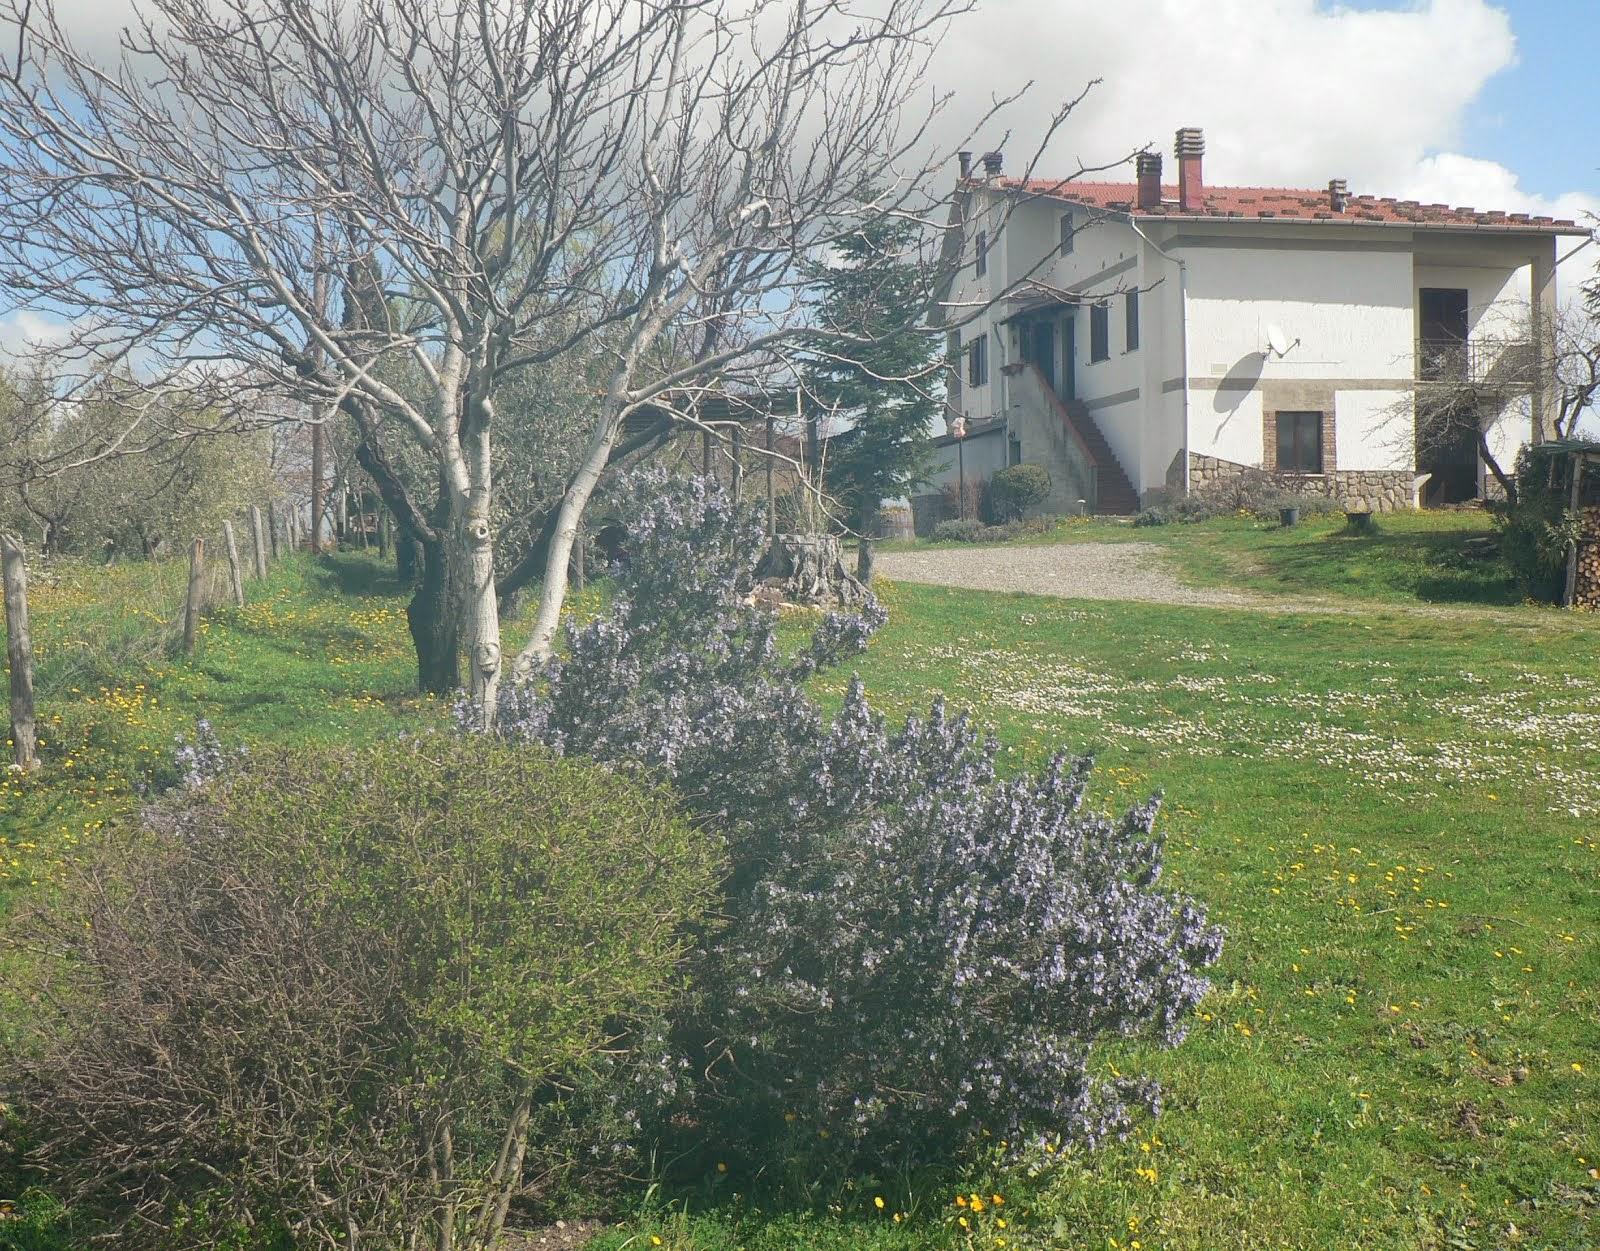 Benvenuta #Primavera #Toscana